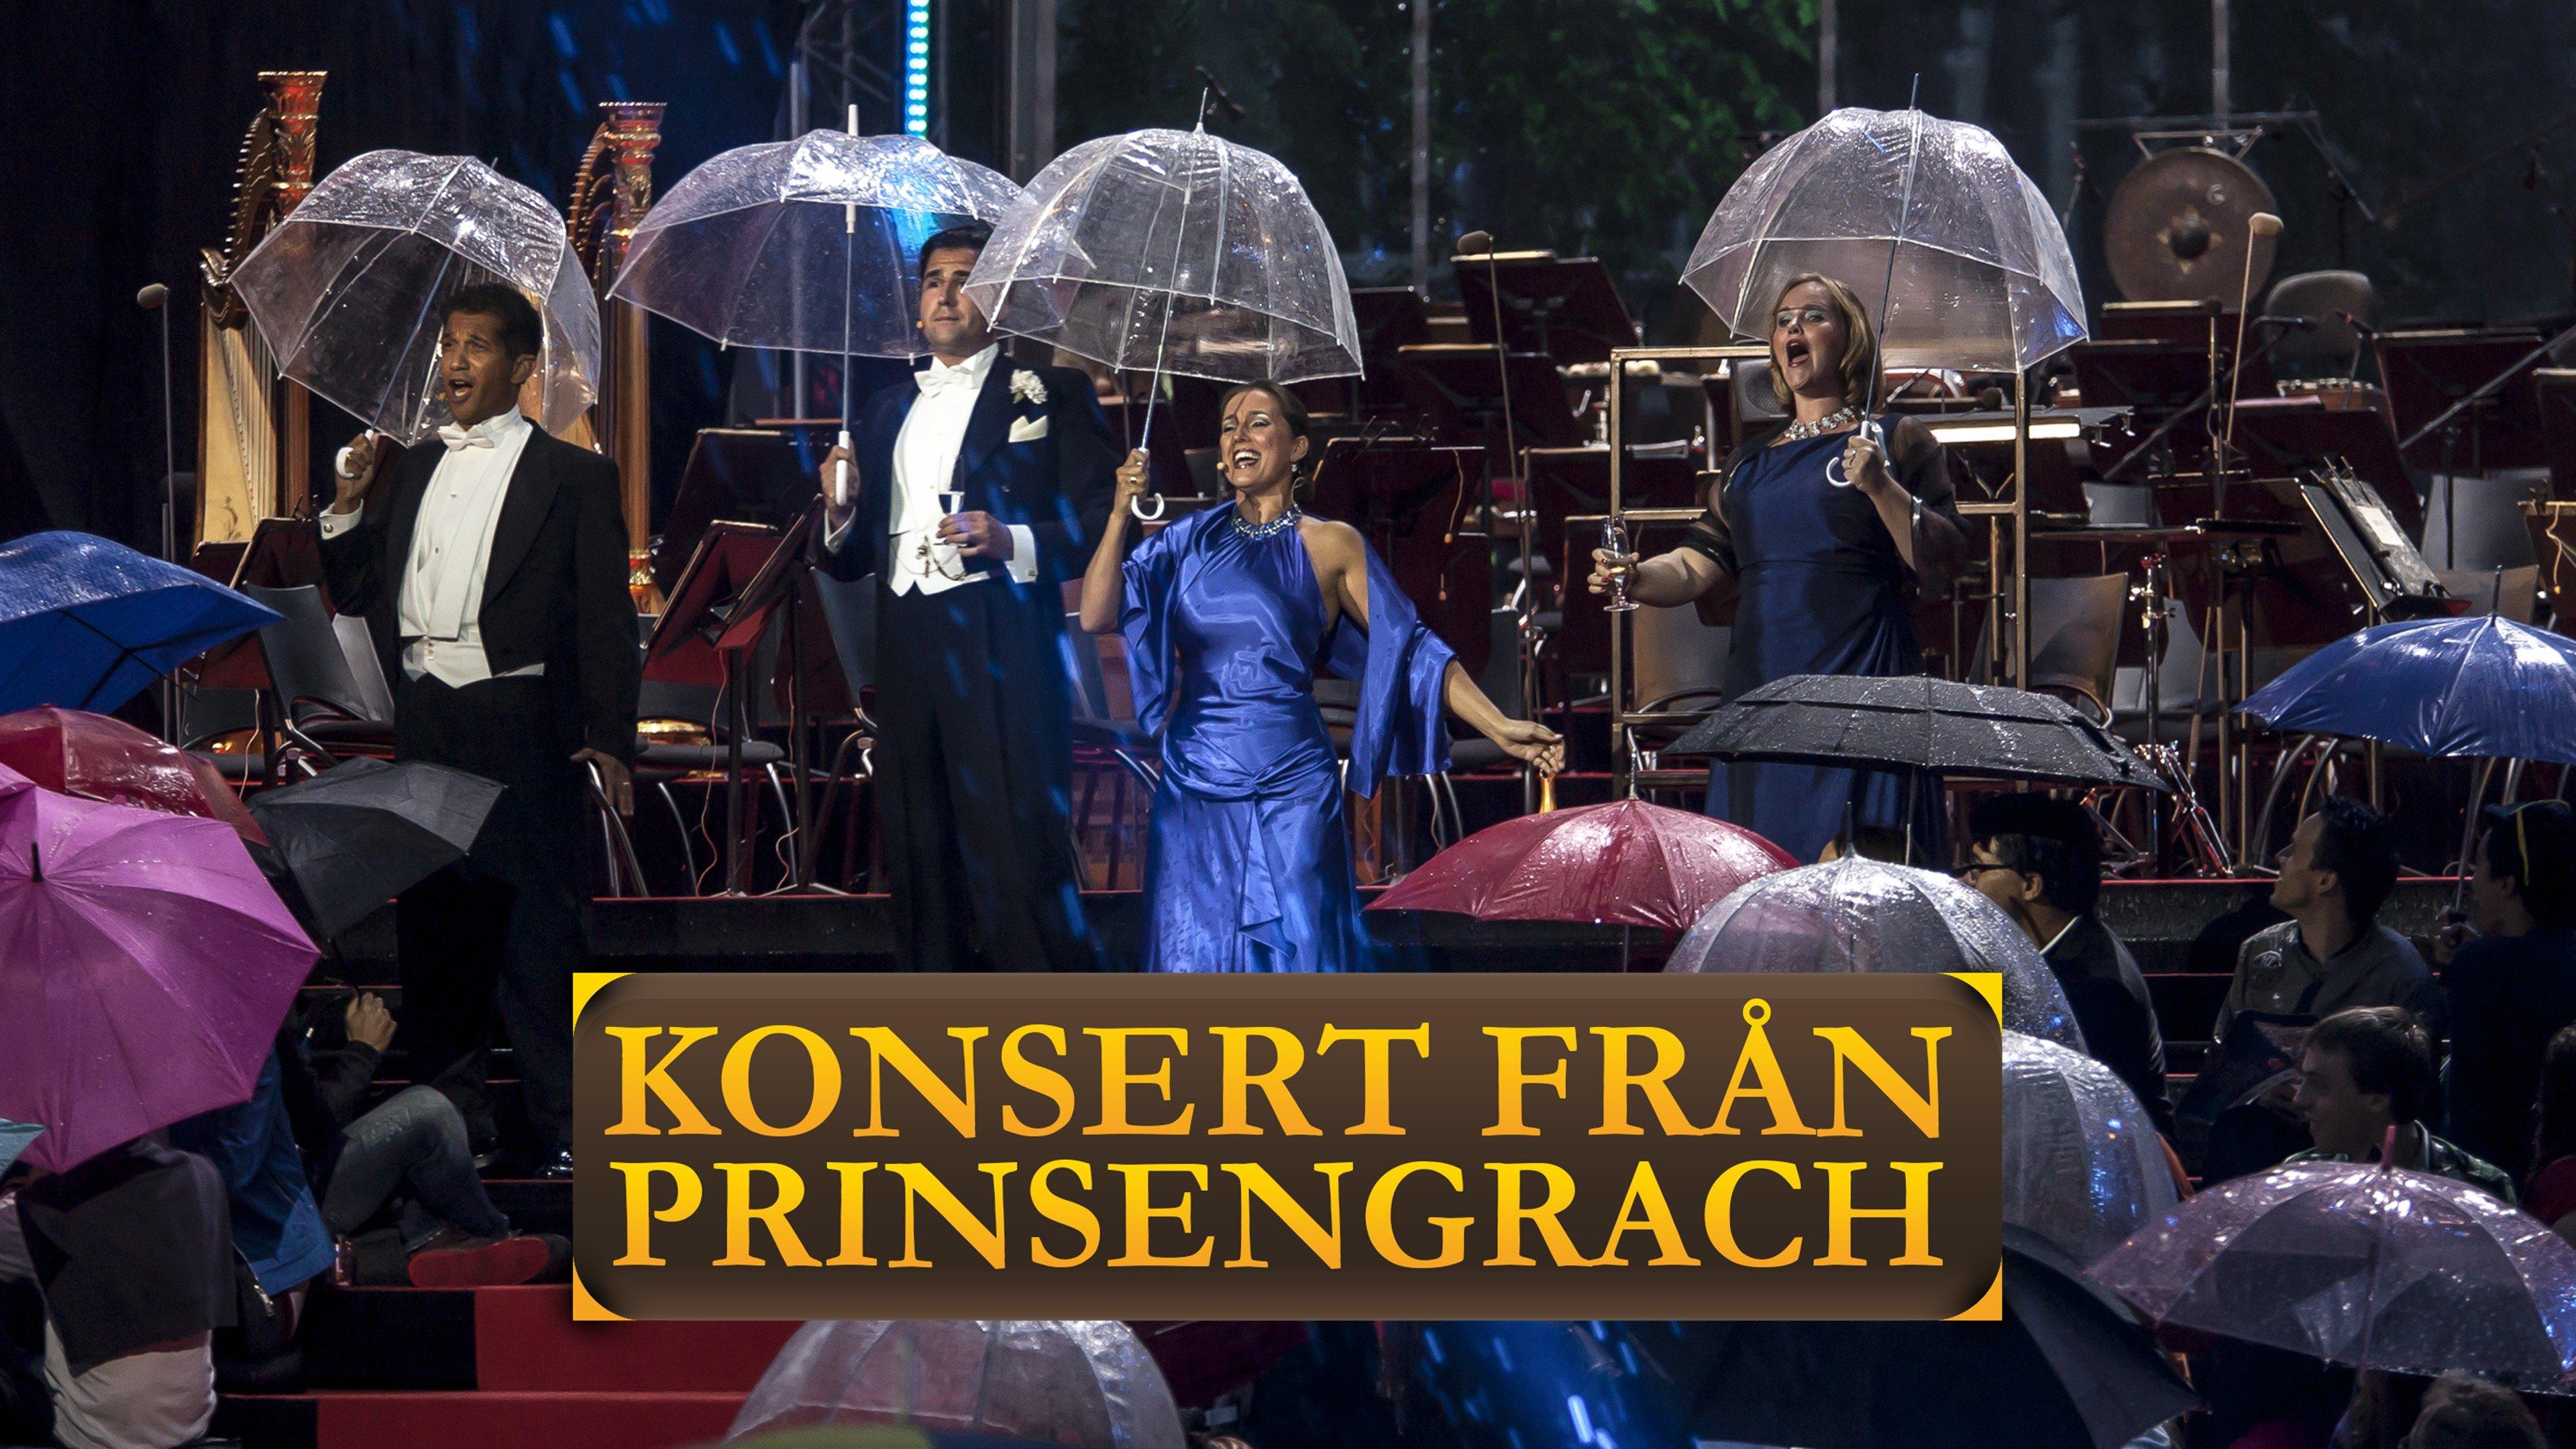 Konsert från Prinsengracht